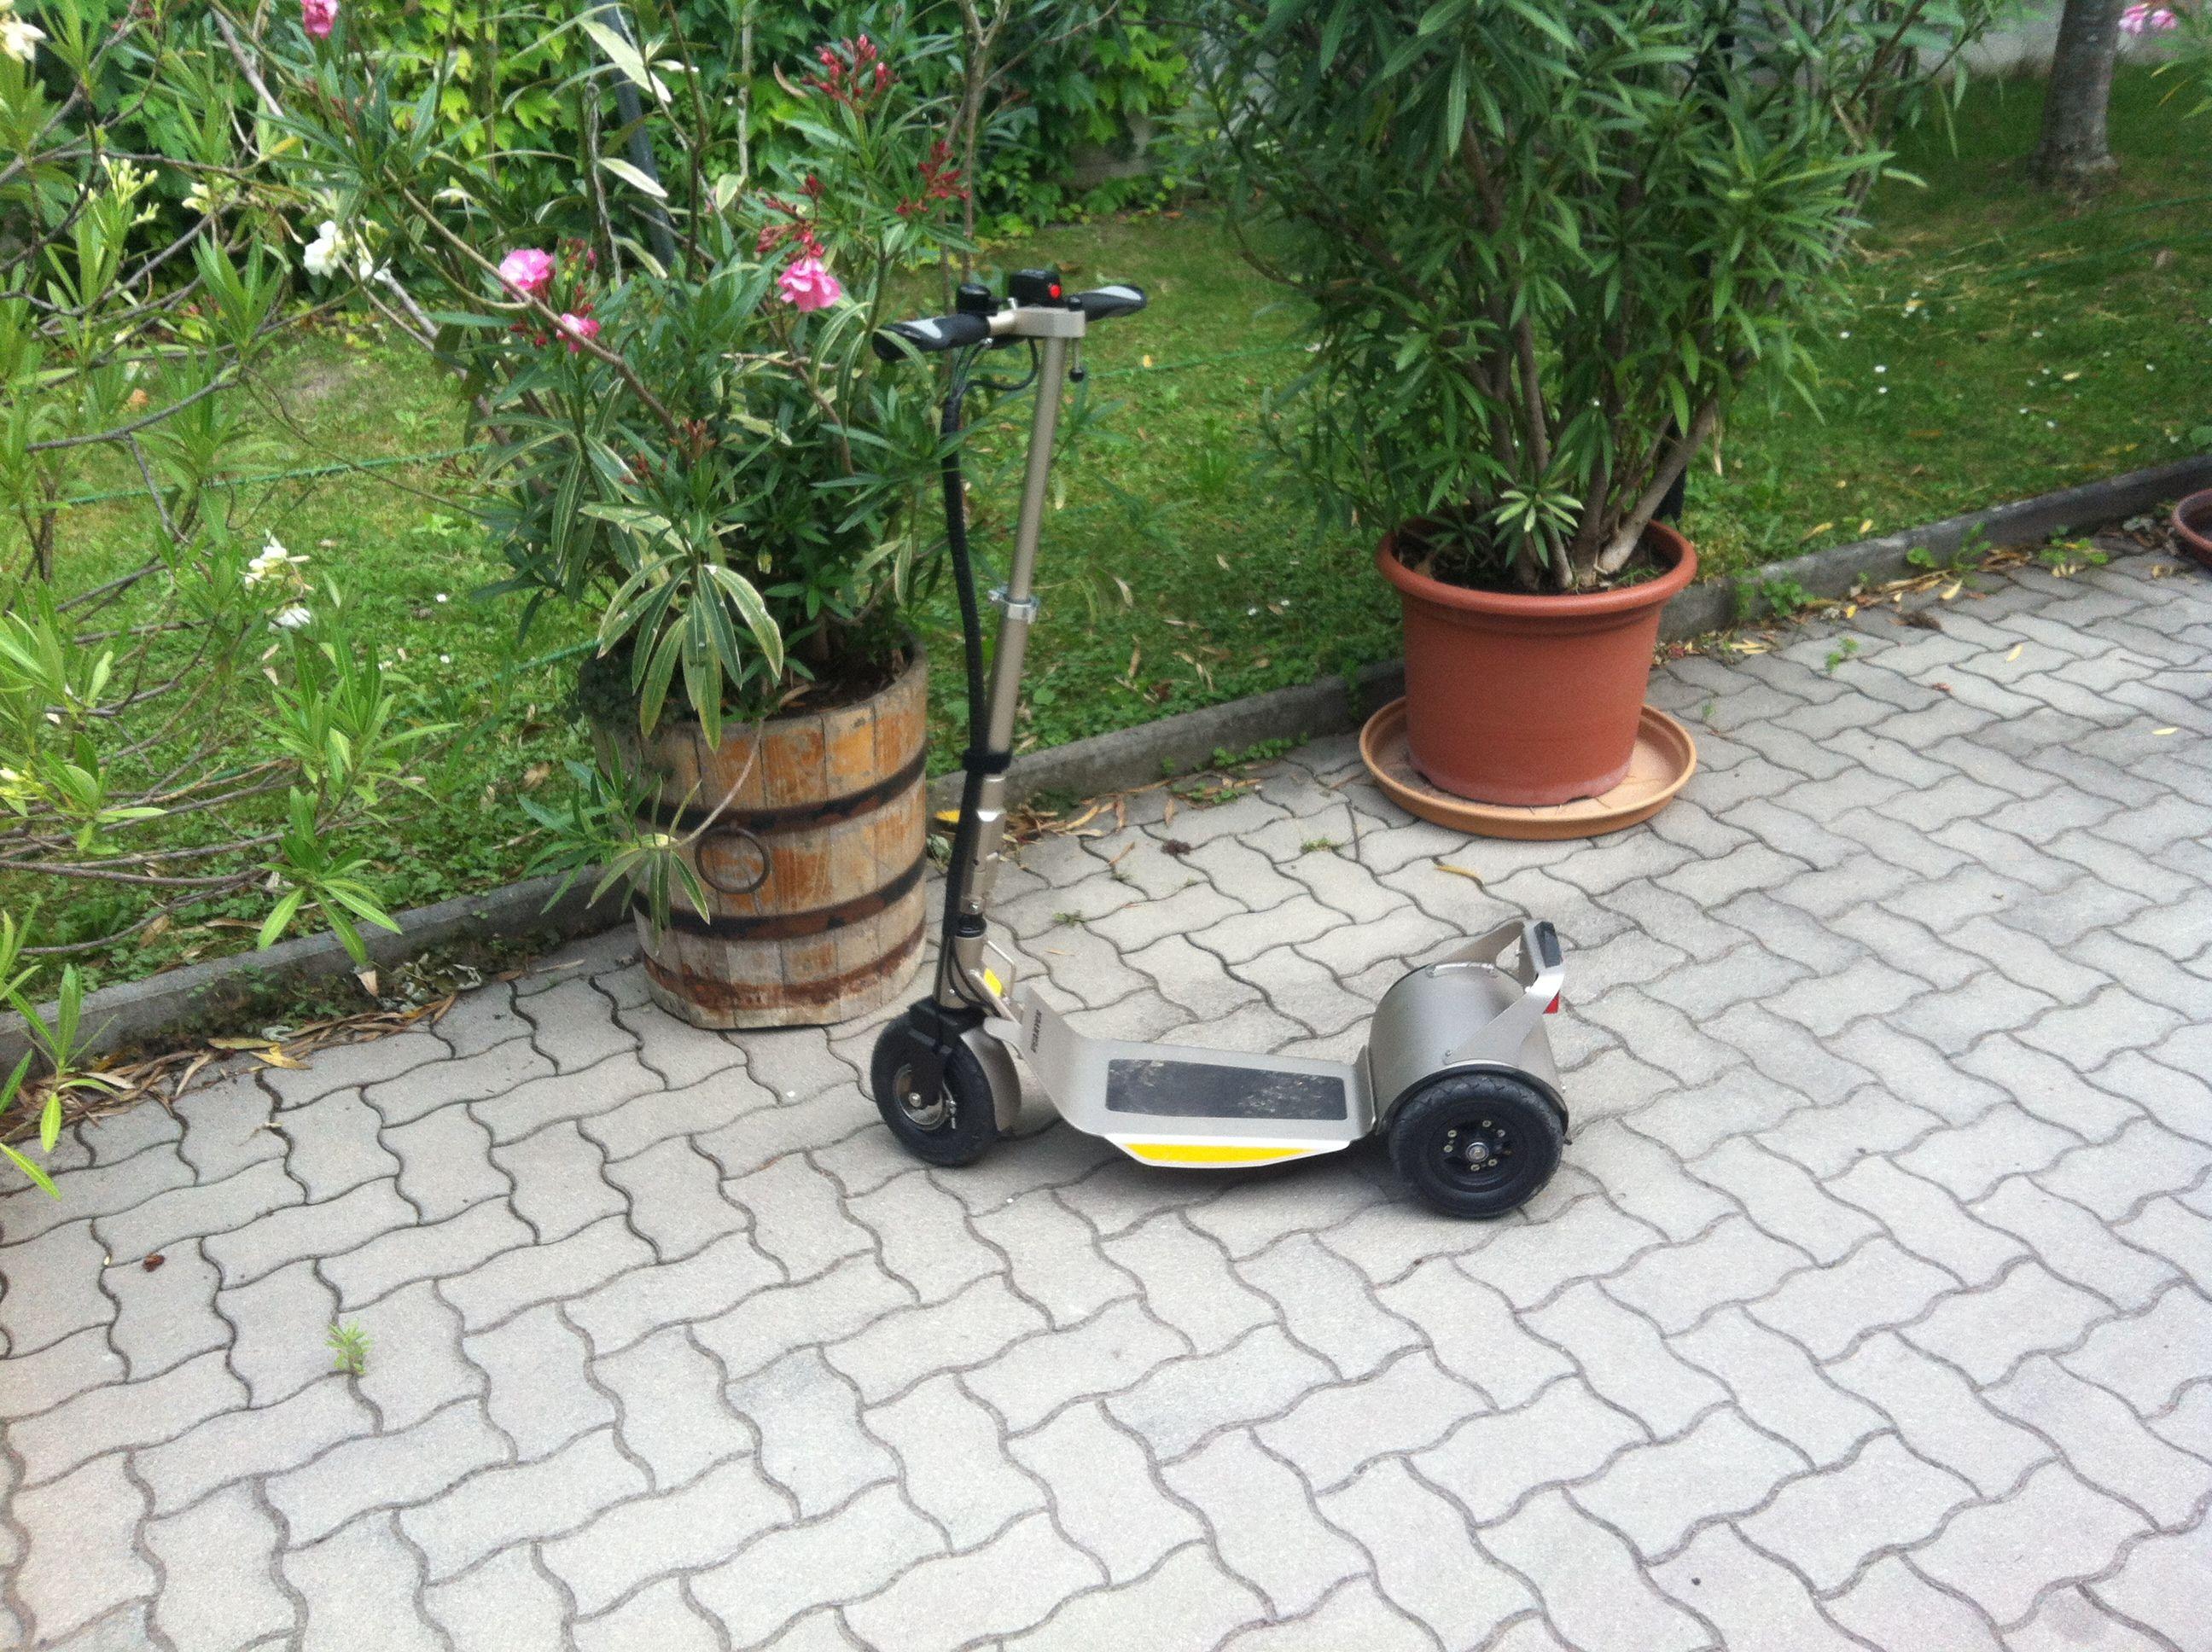 ... bin im Garten! Komme gleich!